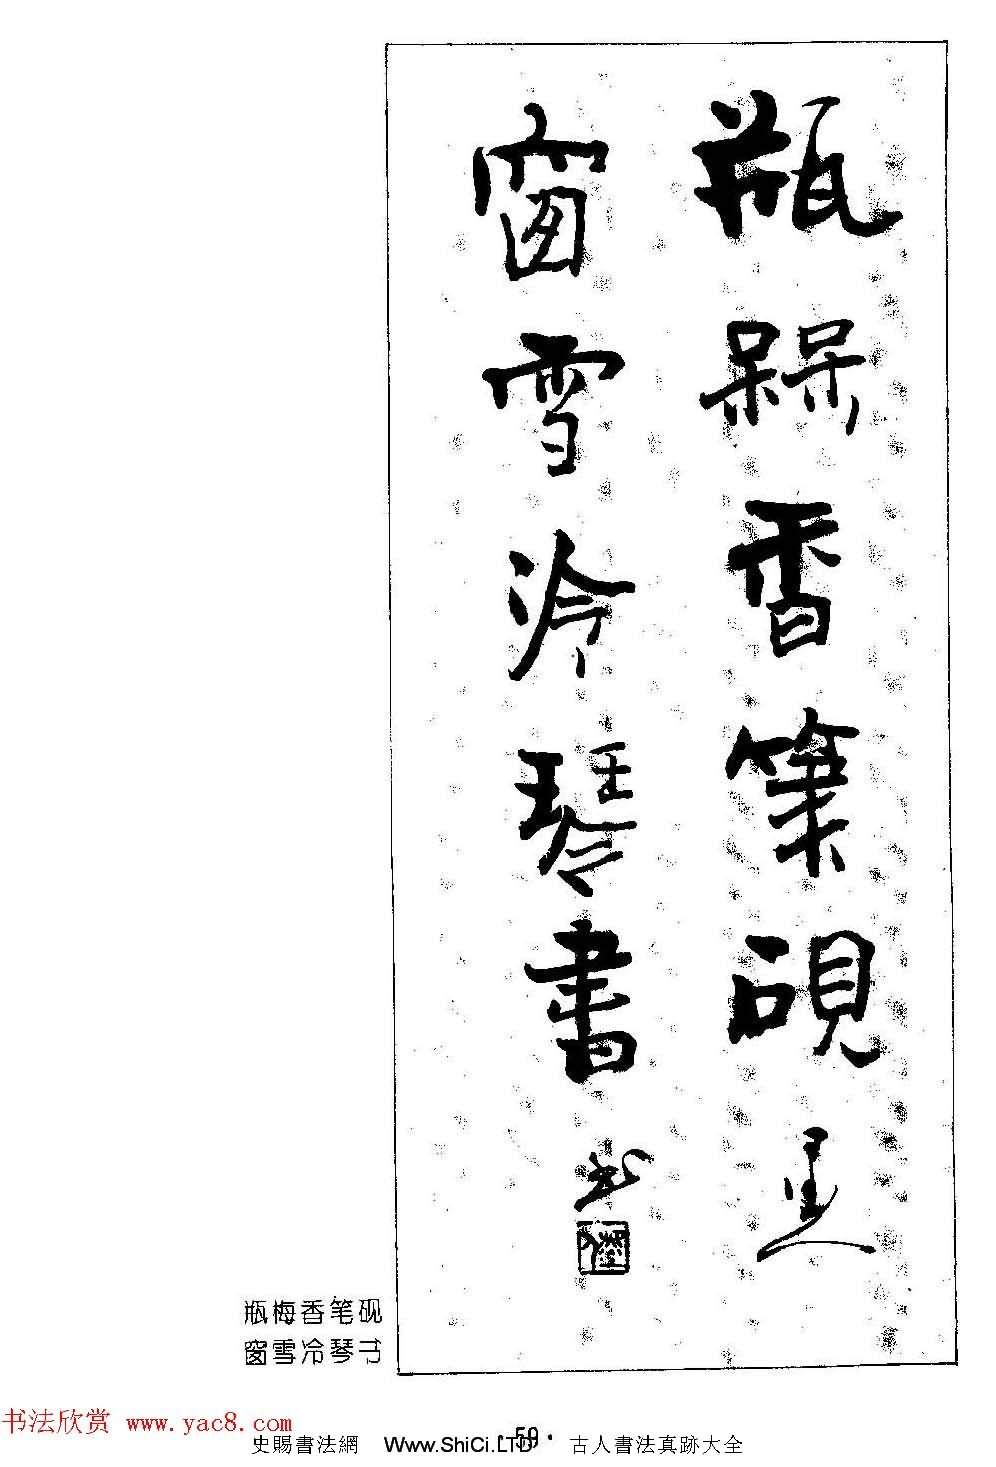 楹聯書法欣賞--楊再春五言書房聯專輯